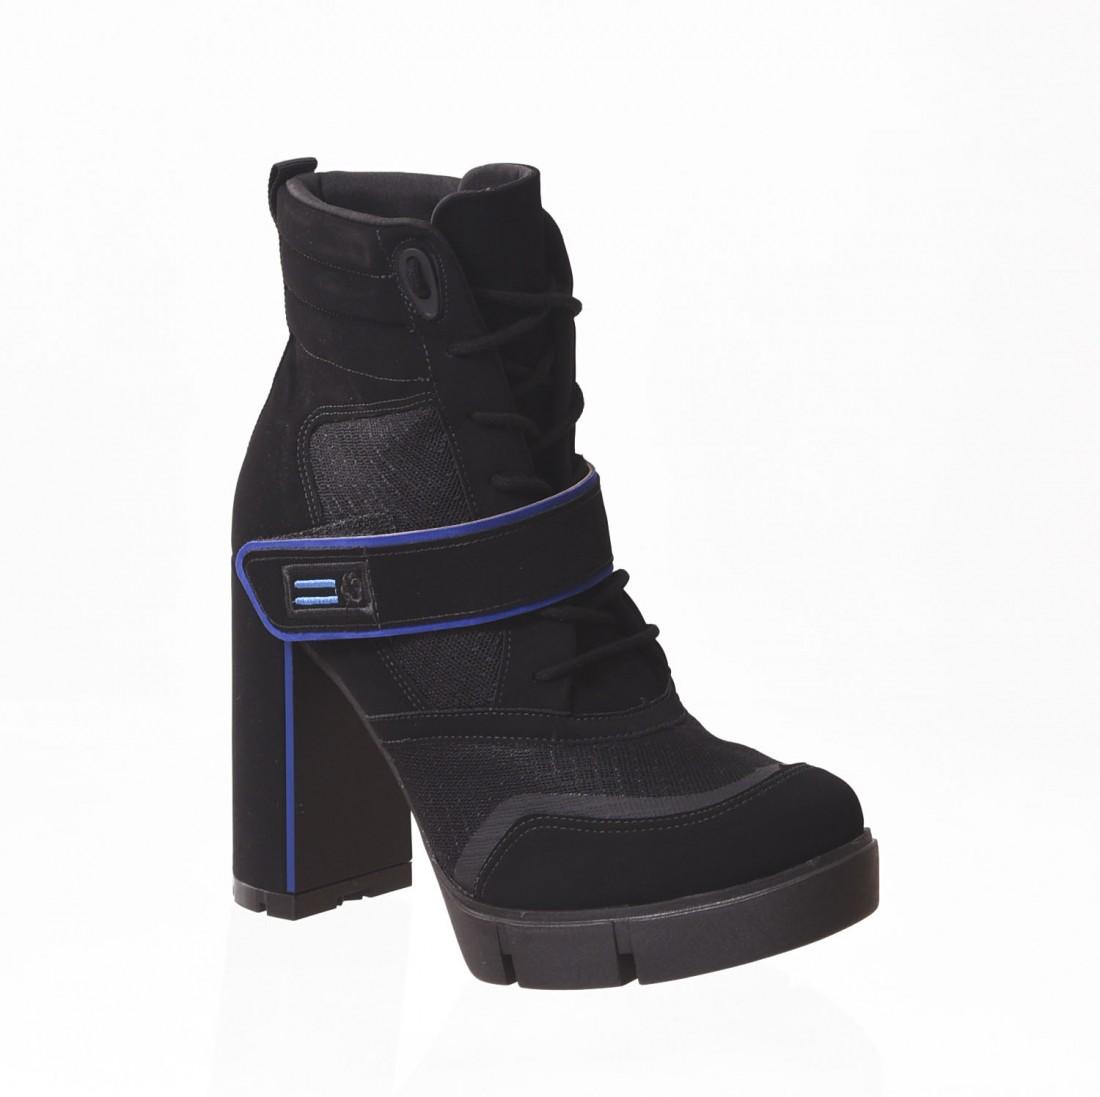 b3549fb76 Bota Coturno Bebecê Ankle Boot Nobuck Solado Tratorado Detalhe Vélcro Preta  e Azul ...